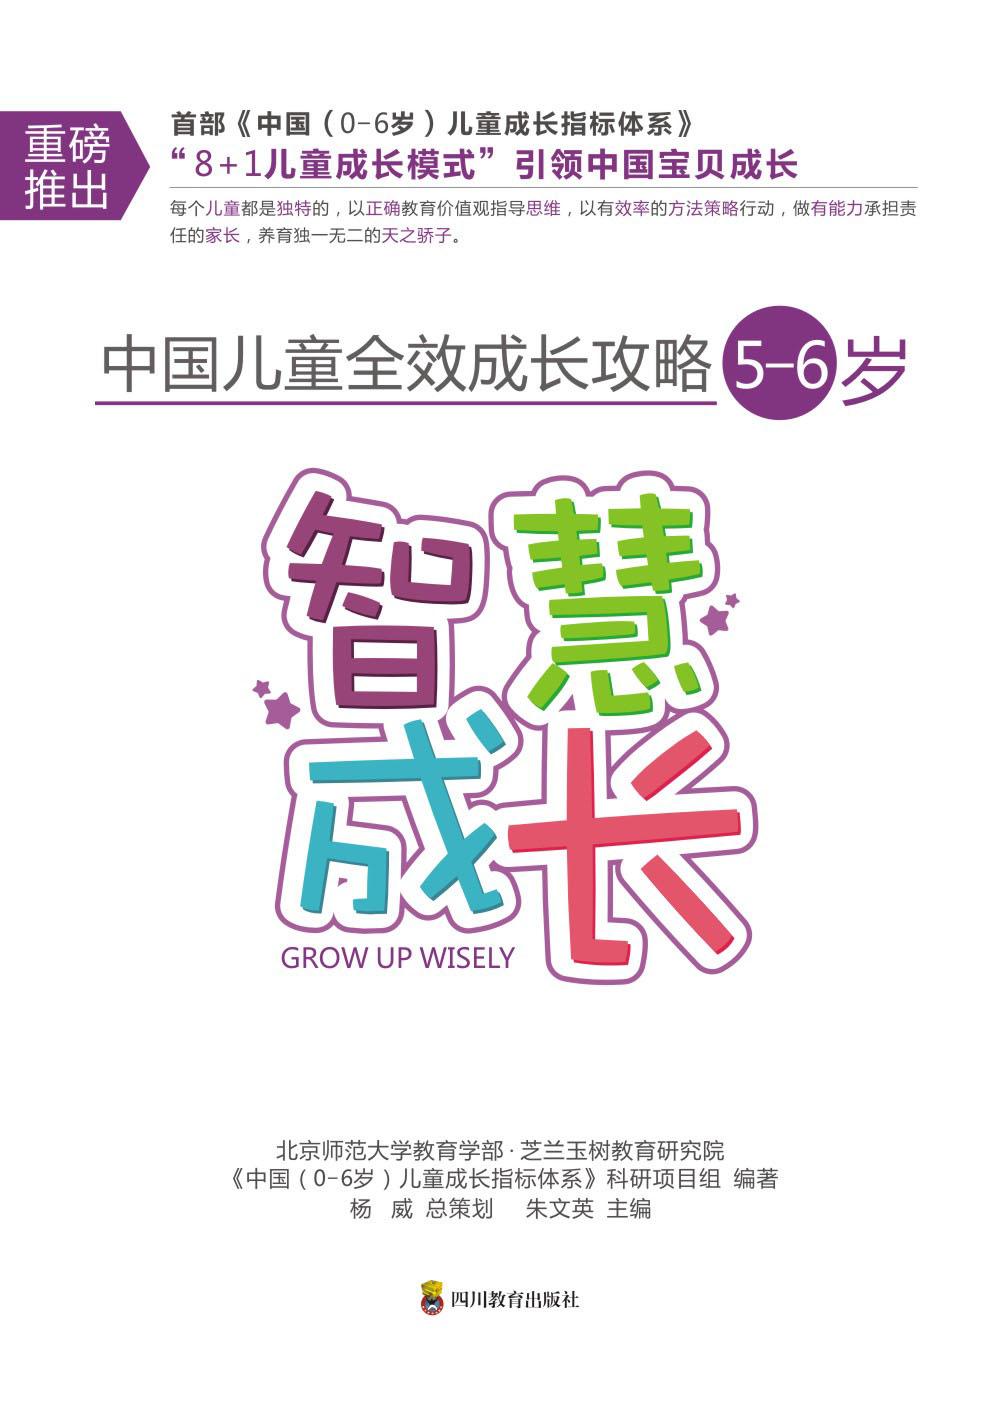 中国儿童全效成长攻略·(5-6岁)智慧成长